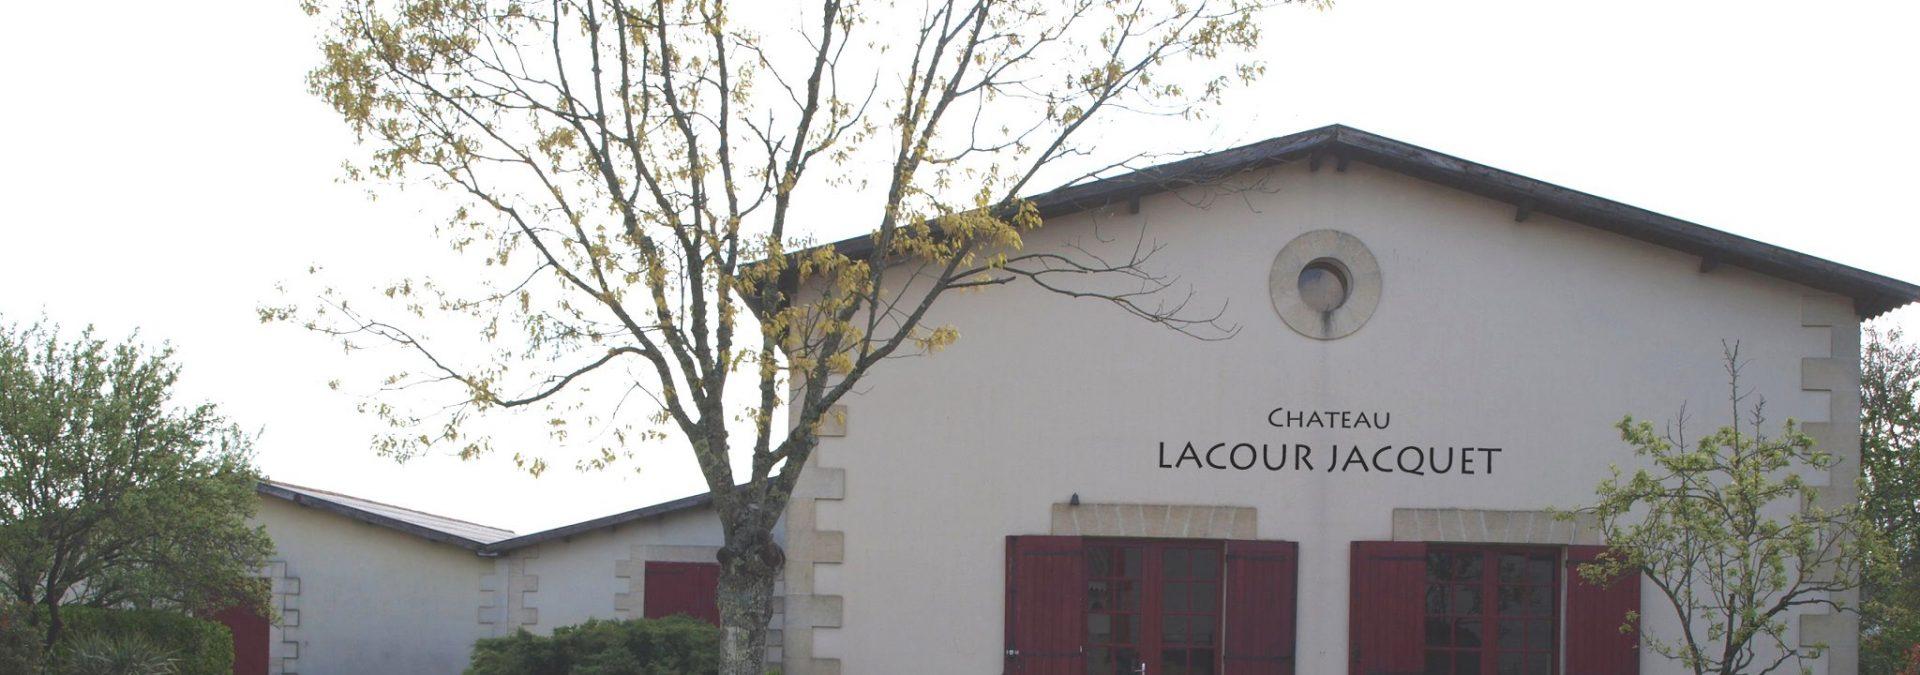 Chateau Lacour Jacquet